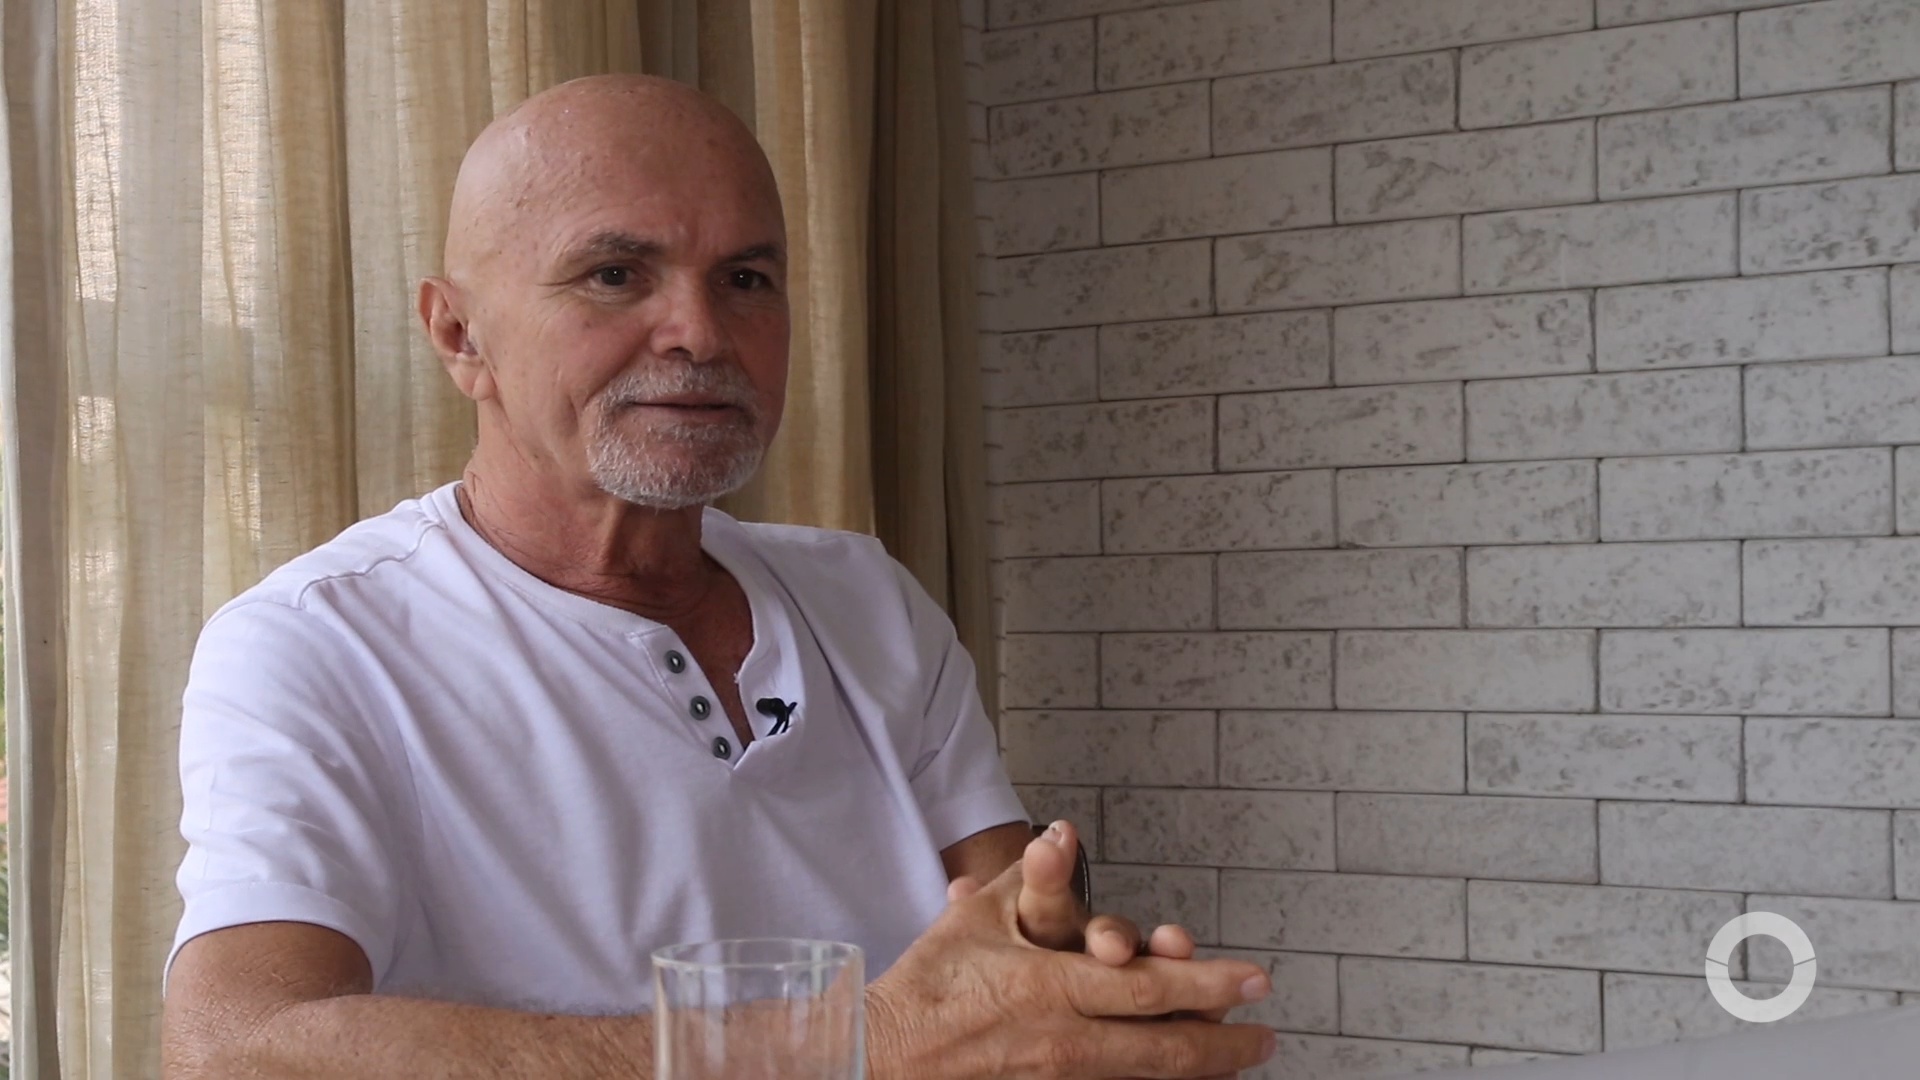 Mosaico entrevista humorista Steferson Paraíba